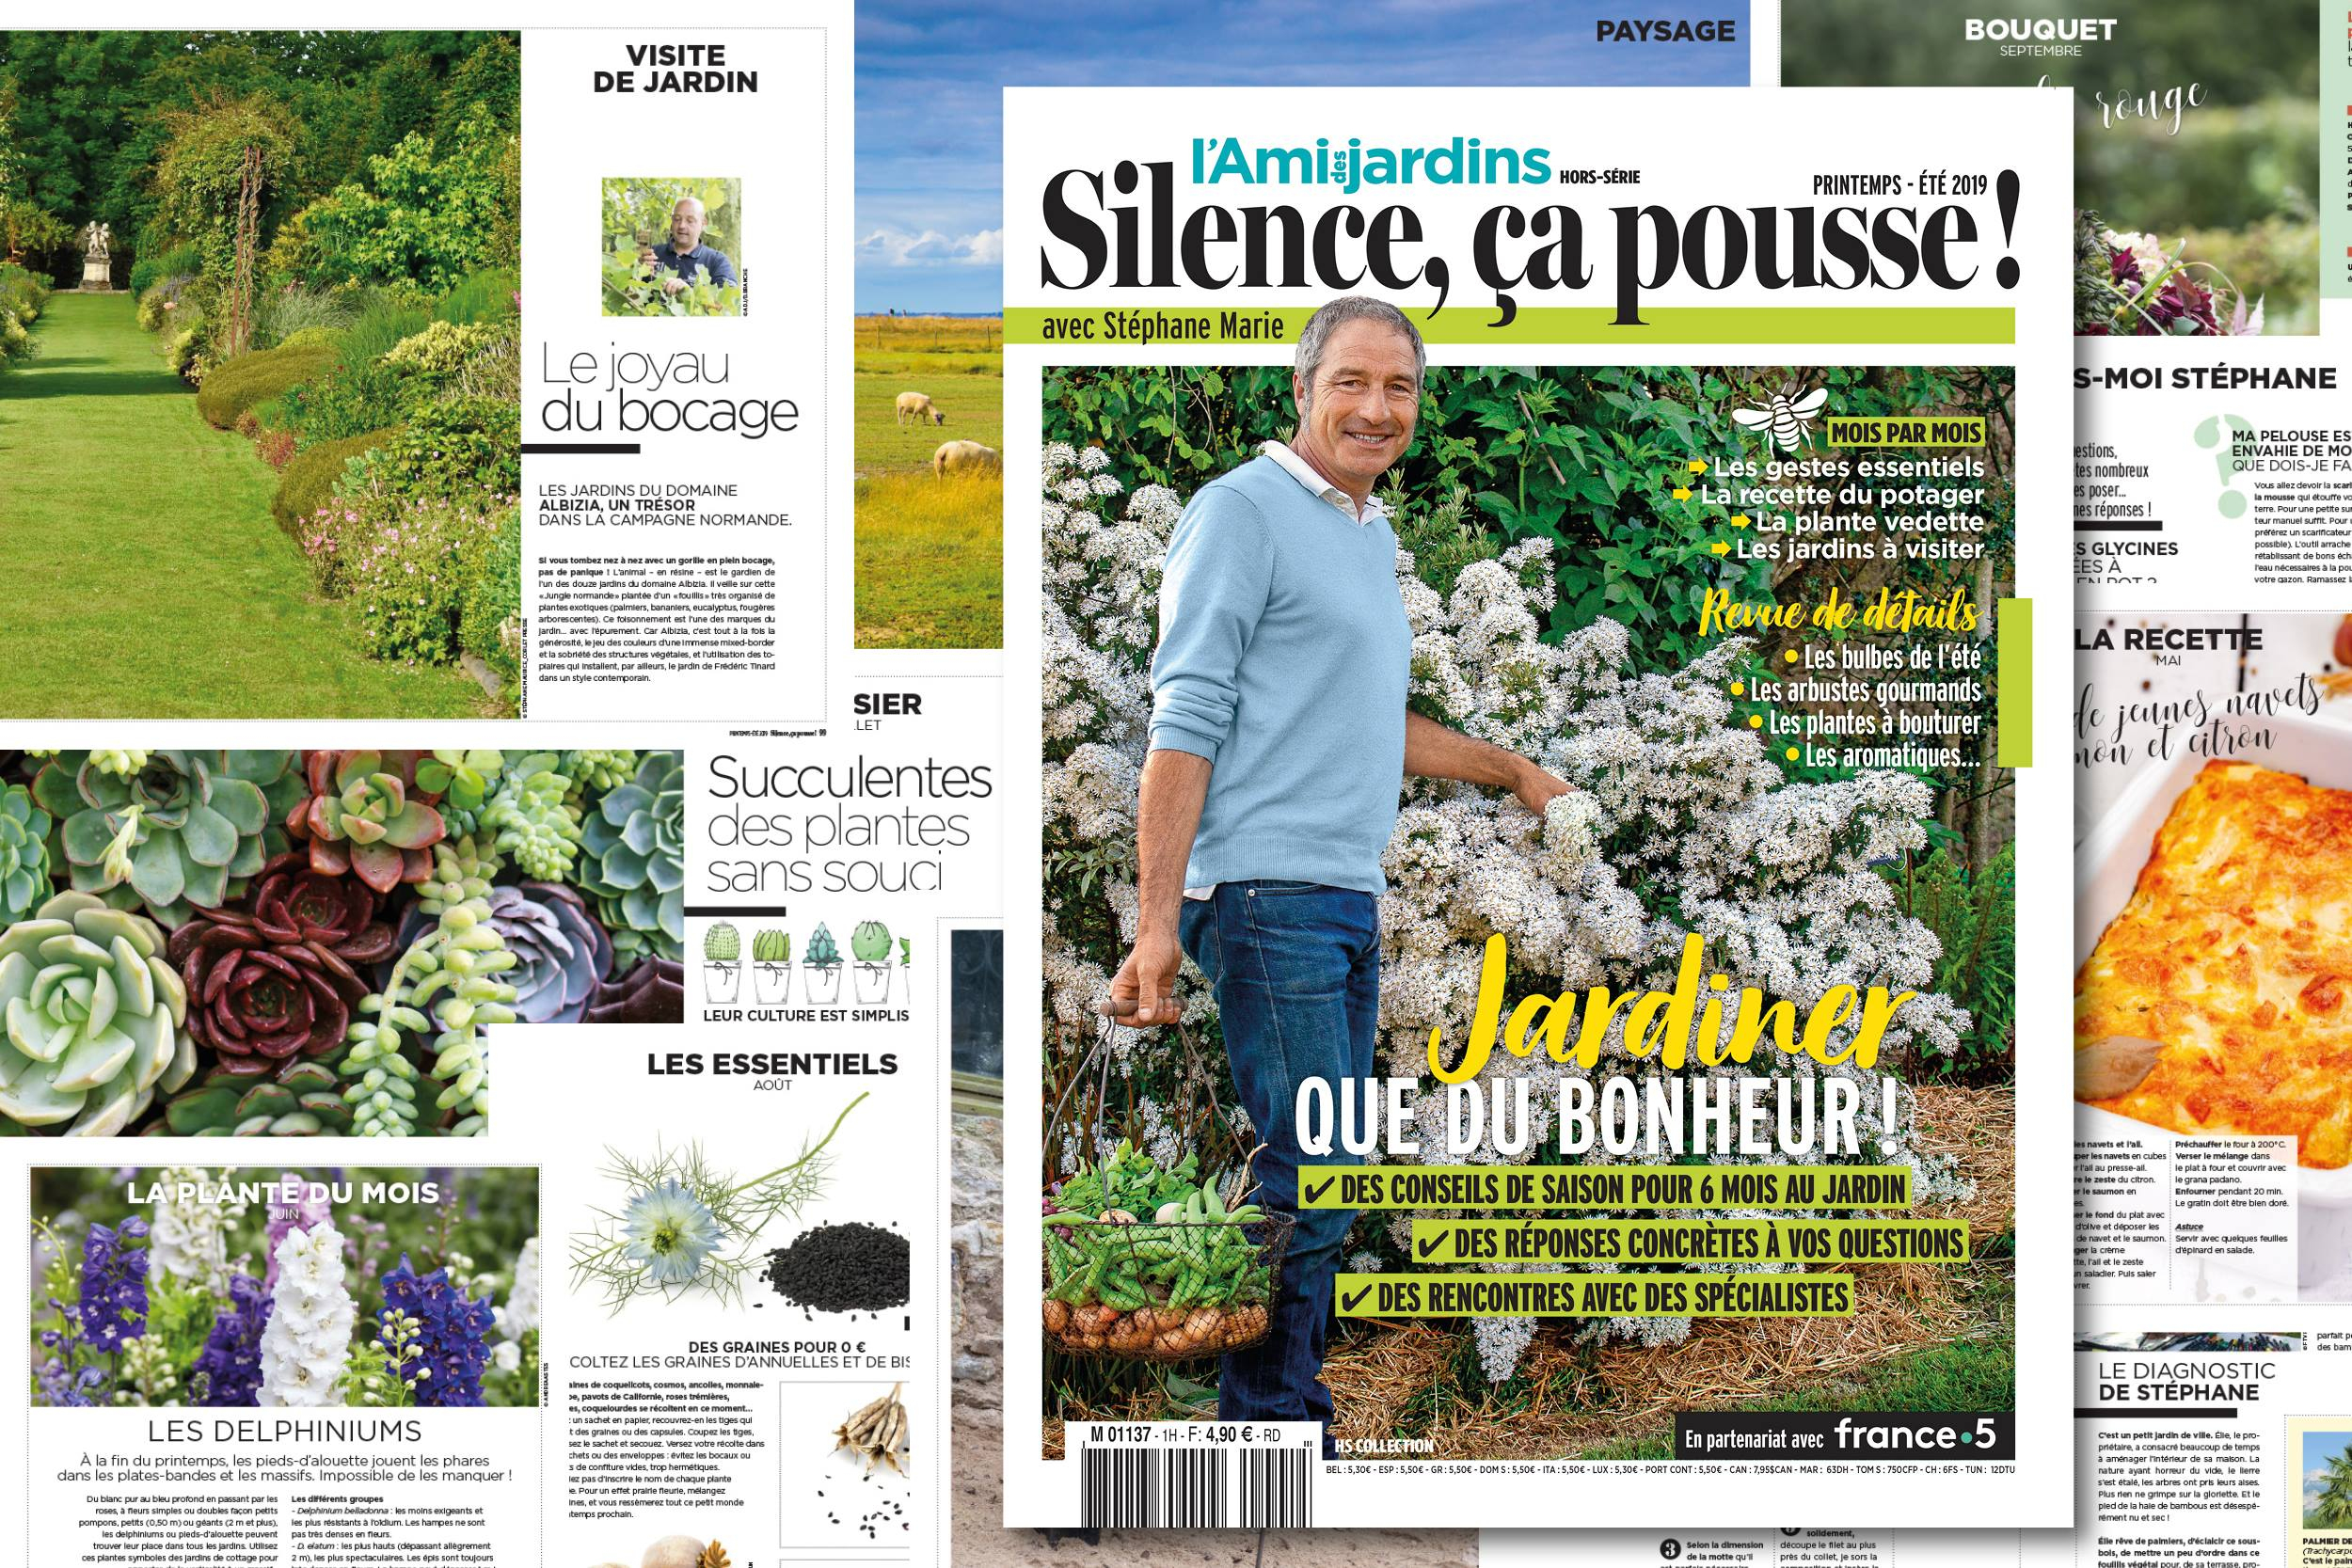 Jardinez Avec Stéphane Marie ! - Hortus Focus I Mag encequiconcerne L Ami Des Jardins Hors Série